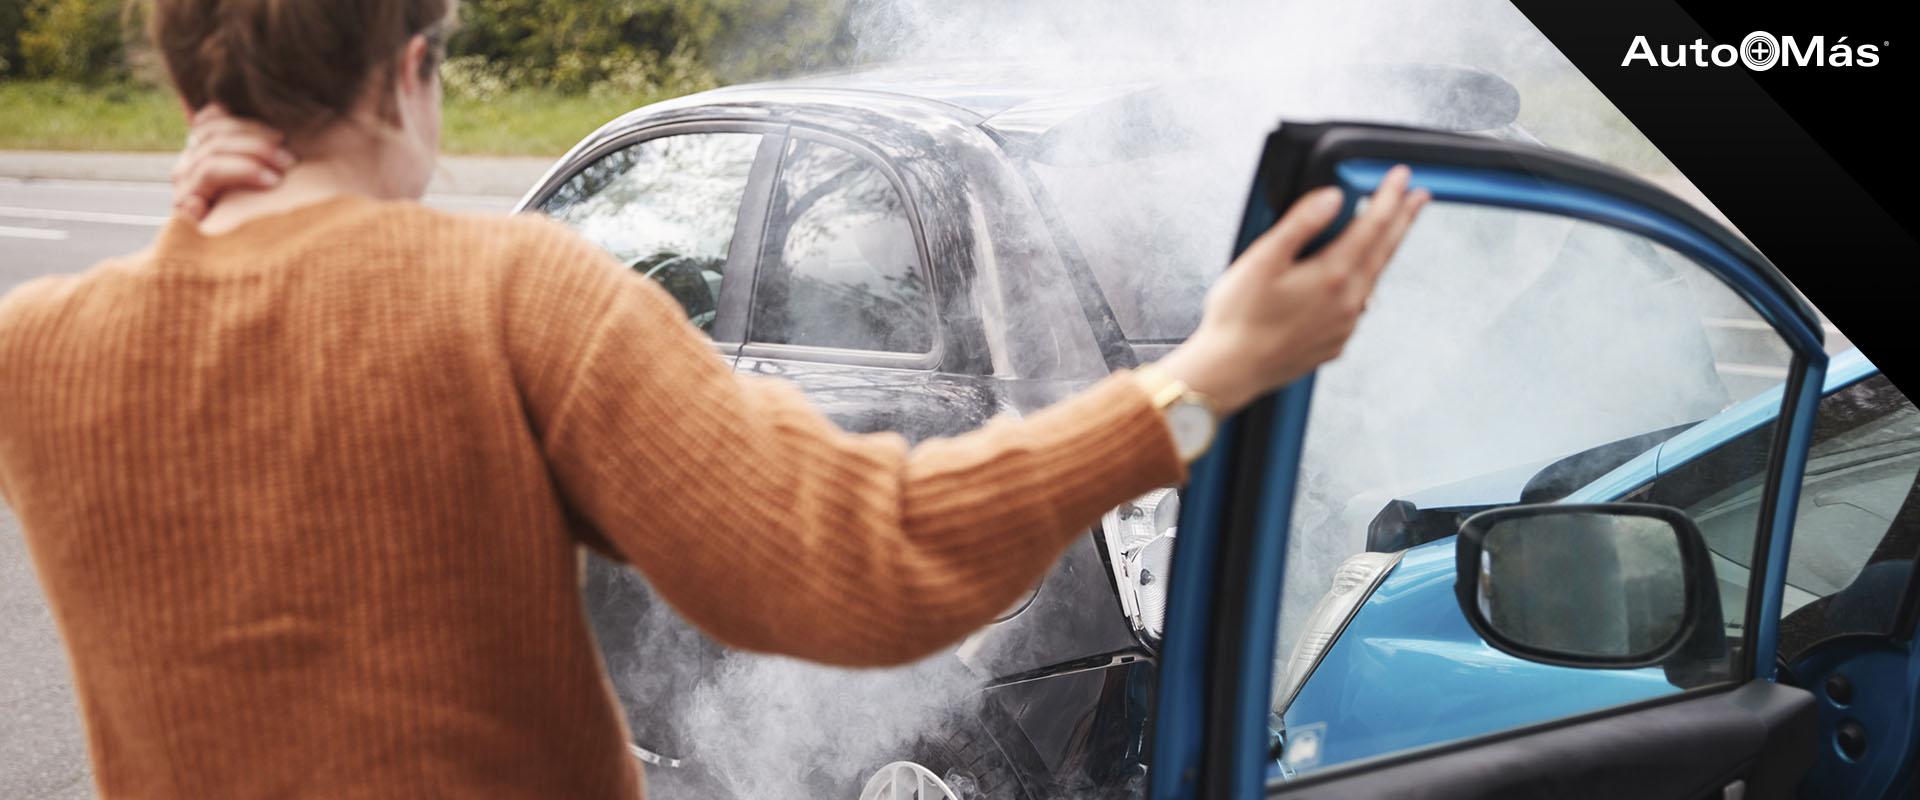 10 carros menos seguros que puedes comprar en Colombia